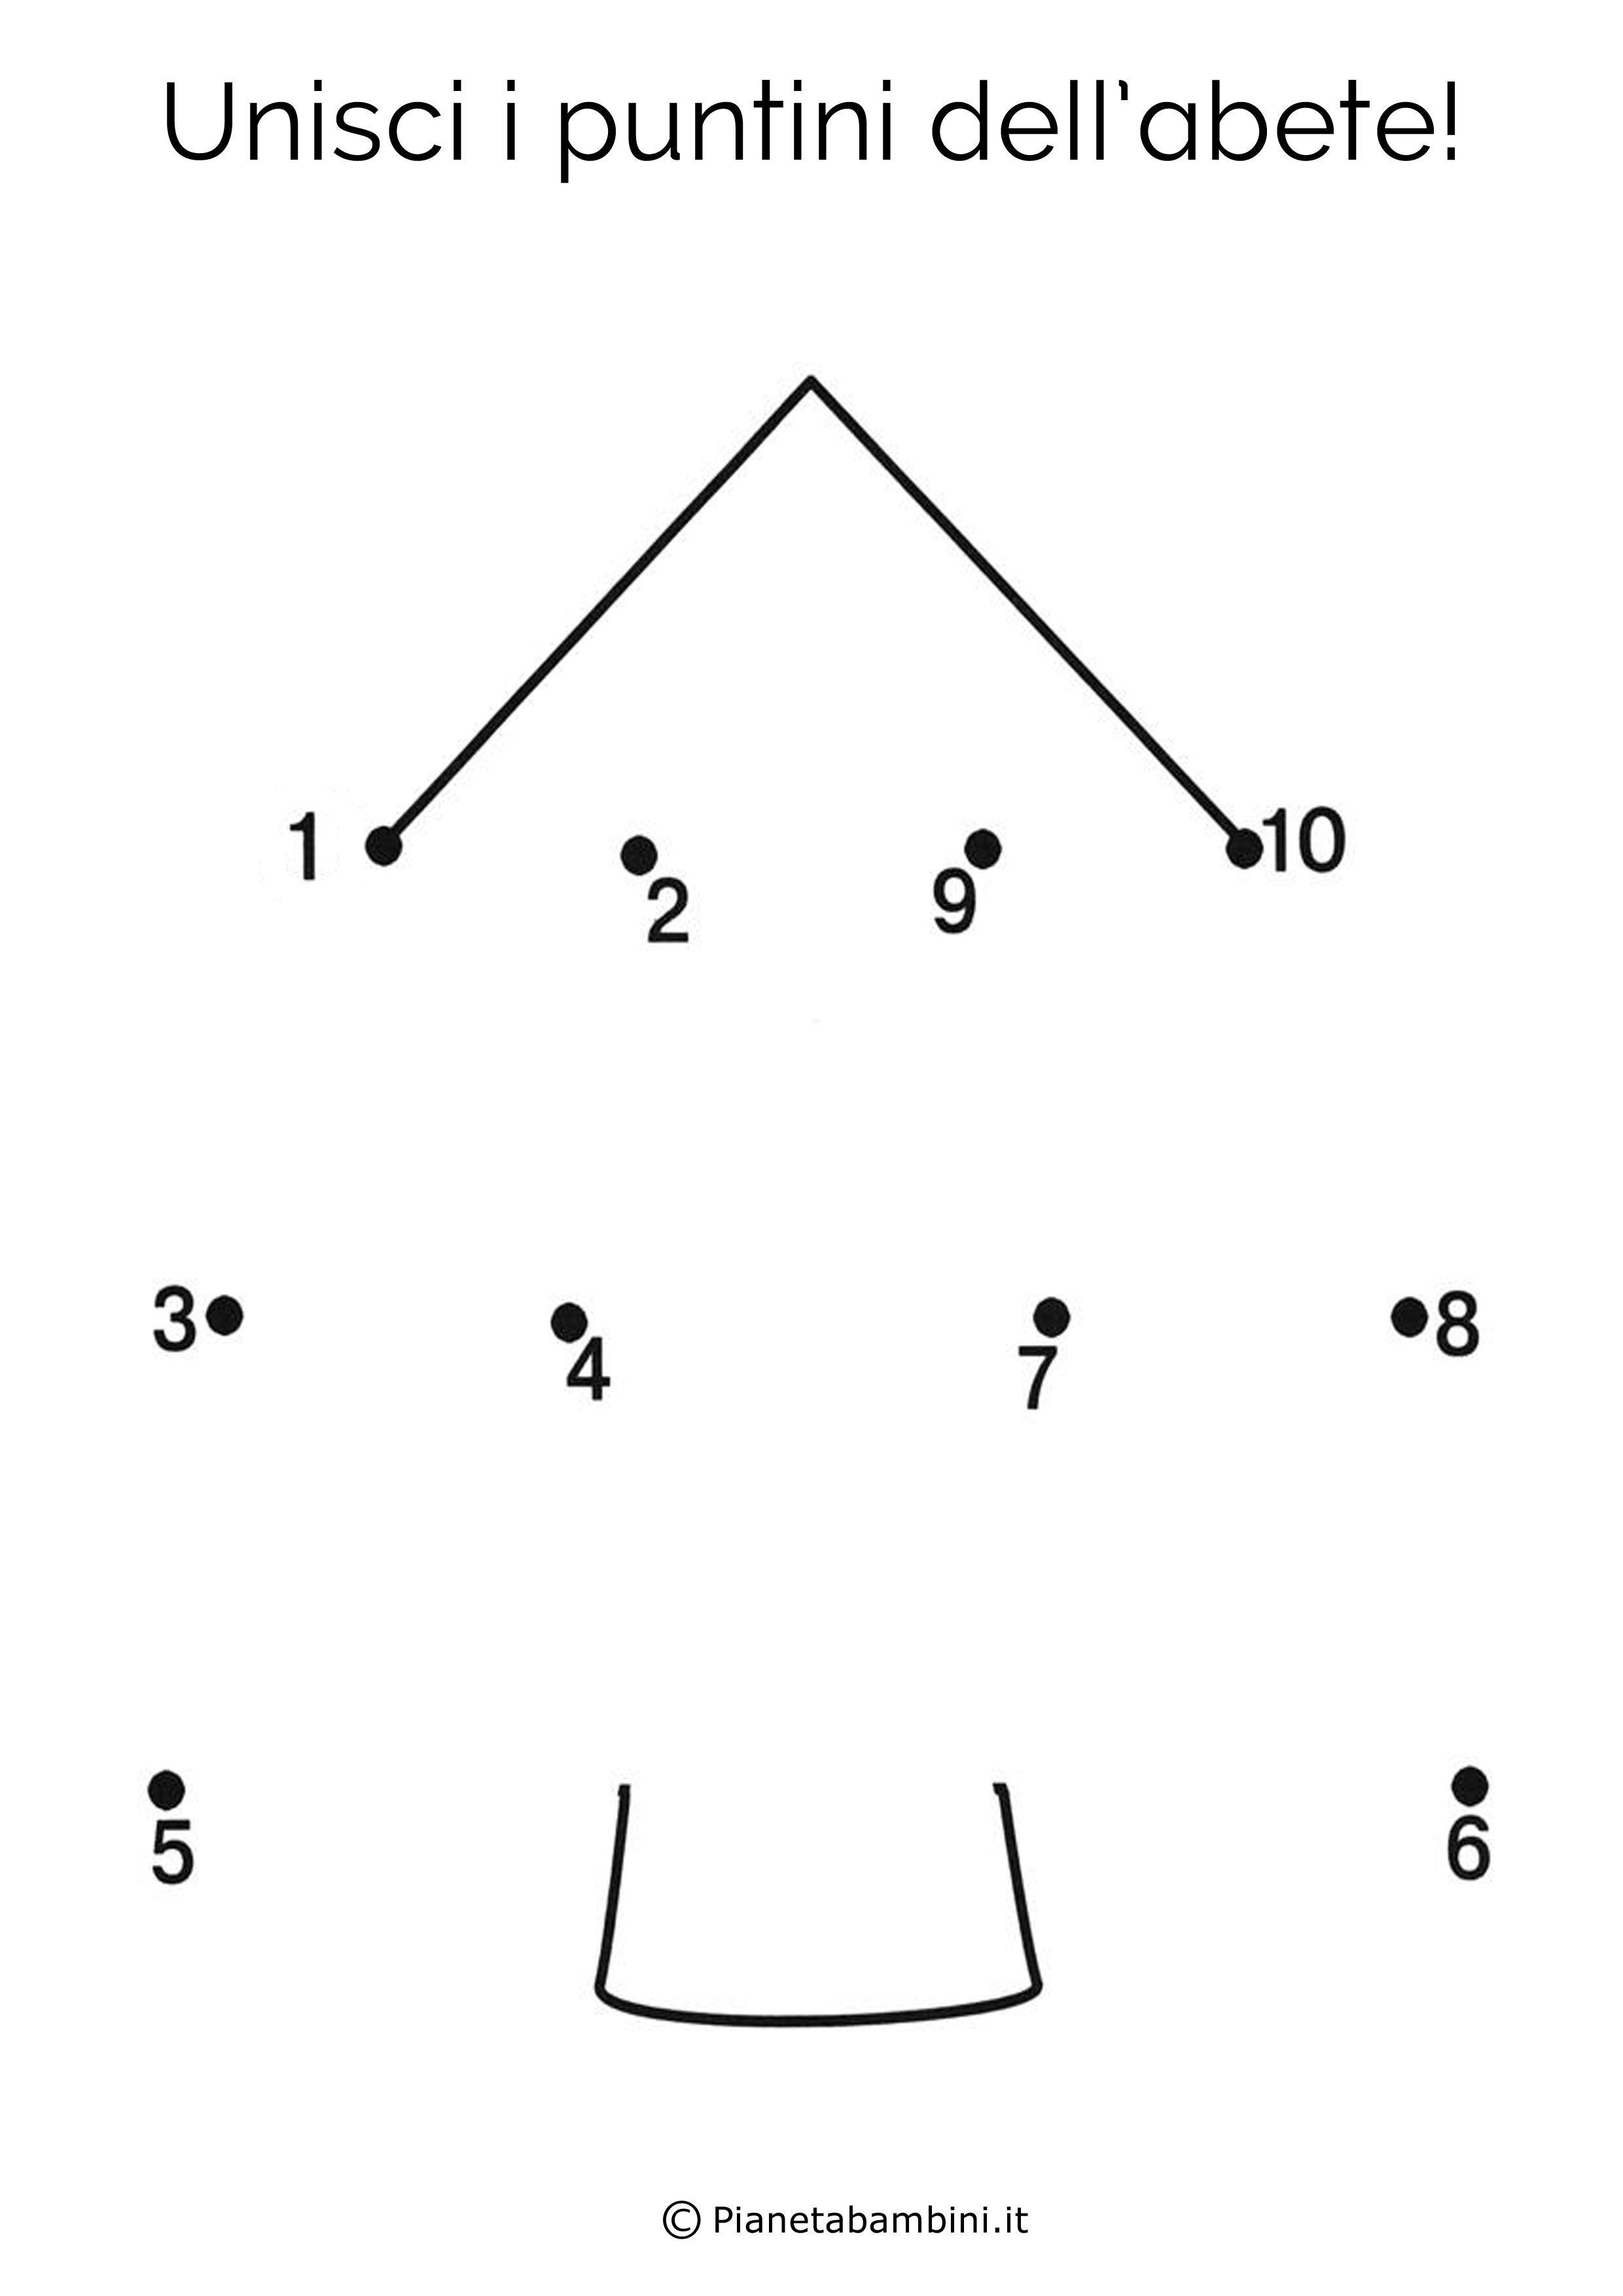 Disegni Di Natale Da Unire Con I Puntini.15 Disegni Unisci I Puntini Da 1 A 10 Per Bambini Piccoli Pianetabambini It Matematica Natale Attivita Stampabili Prescolari